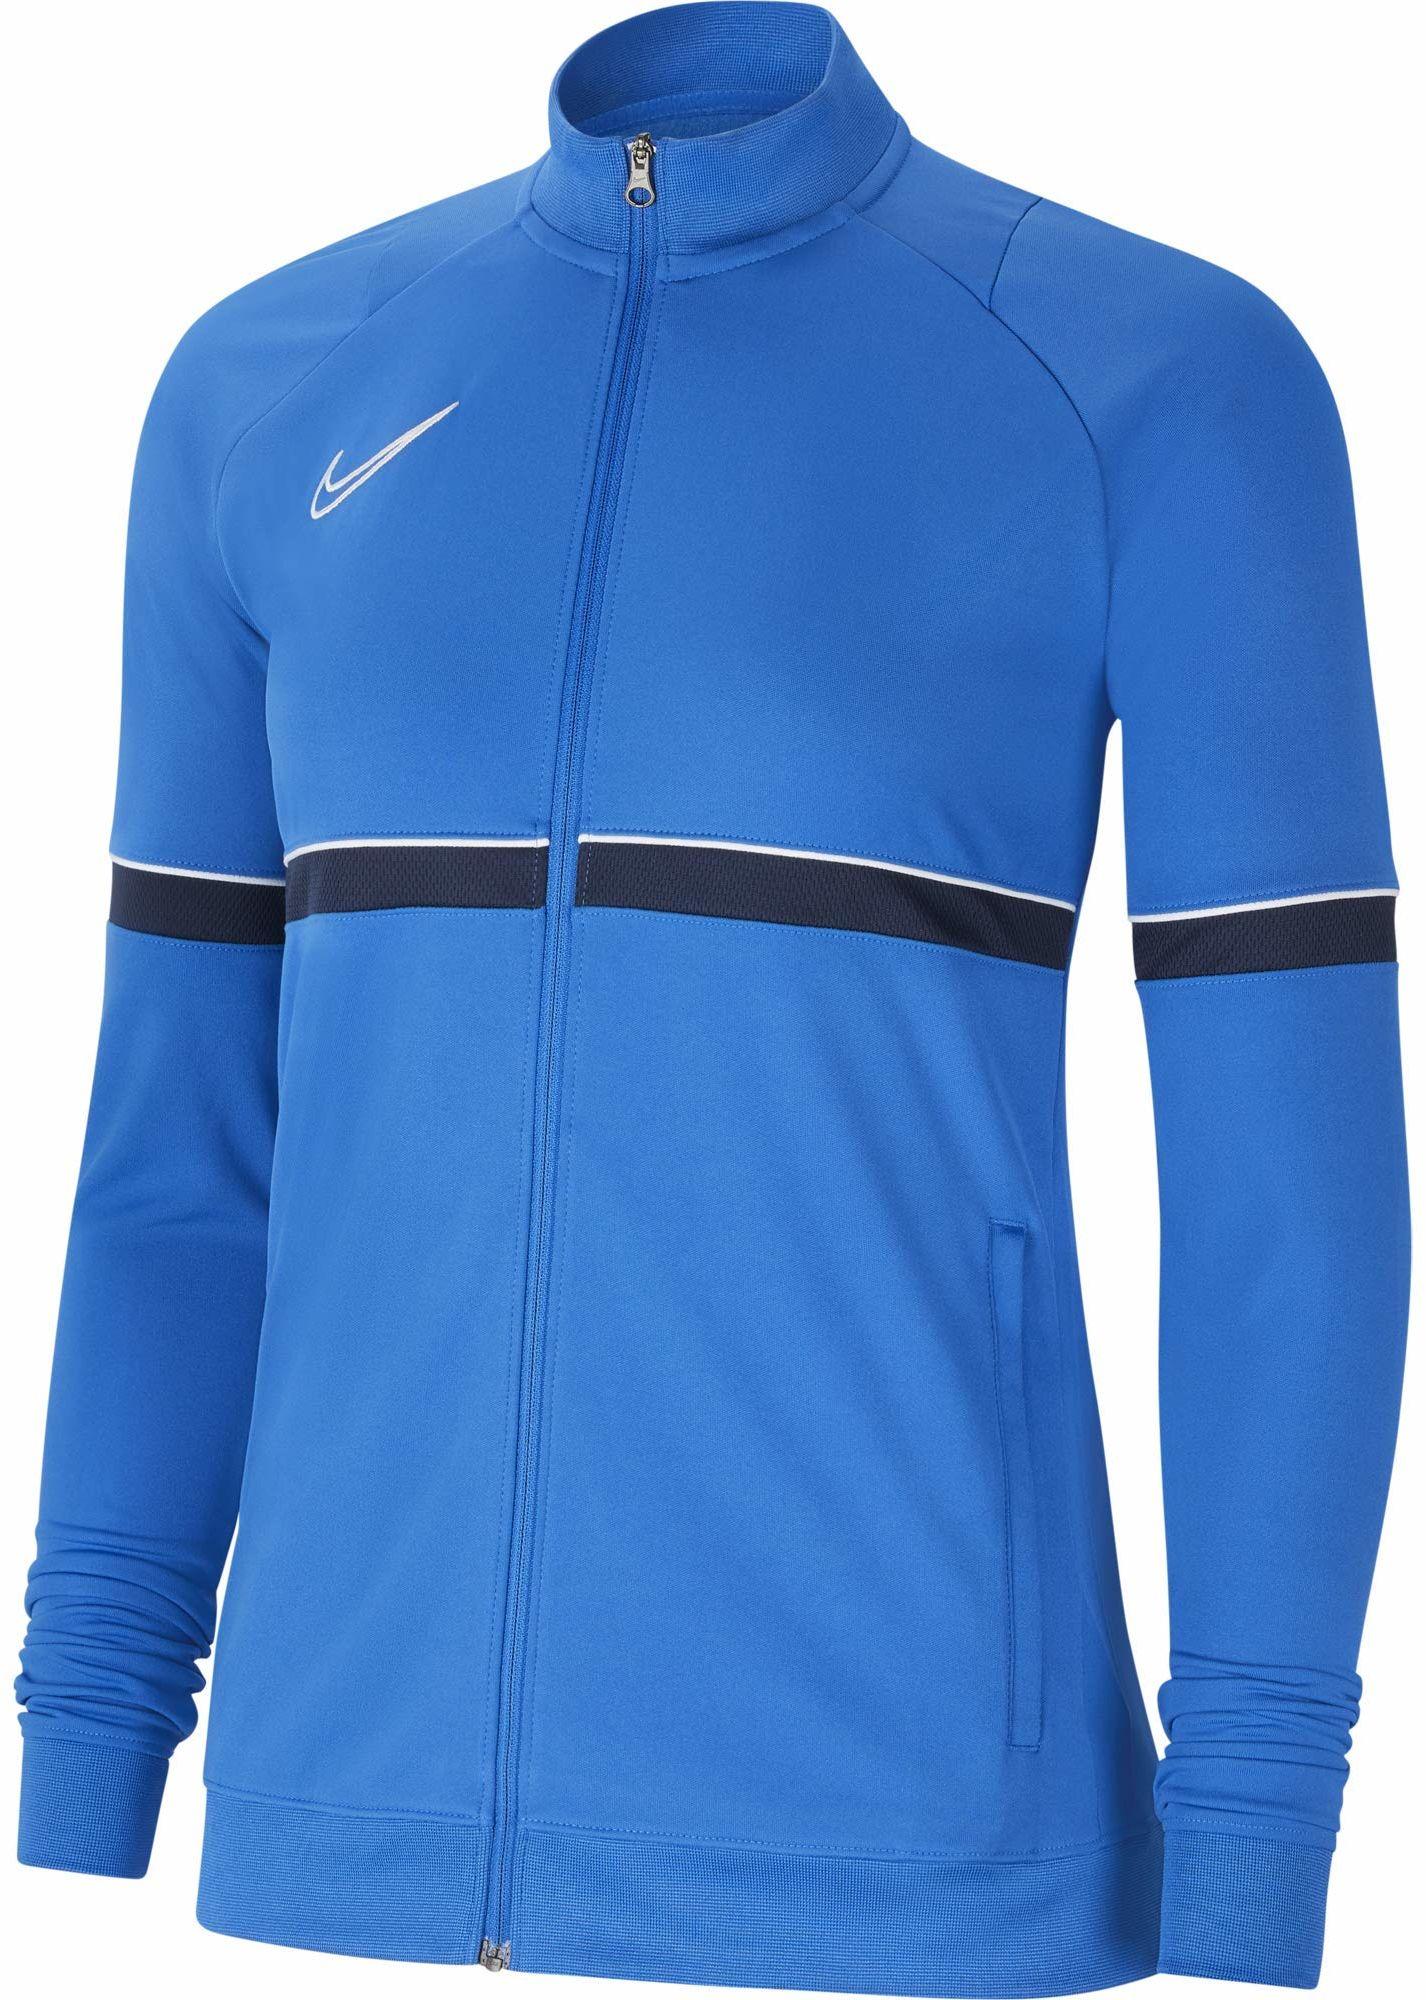 Nike Damska kurtka damska Academy 21 Track Jacket Królewski niebieski/biały/obsydian/biały S